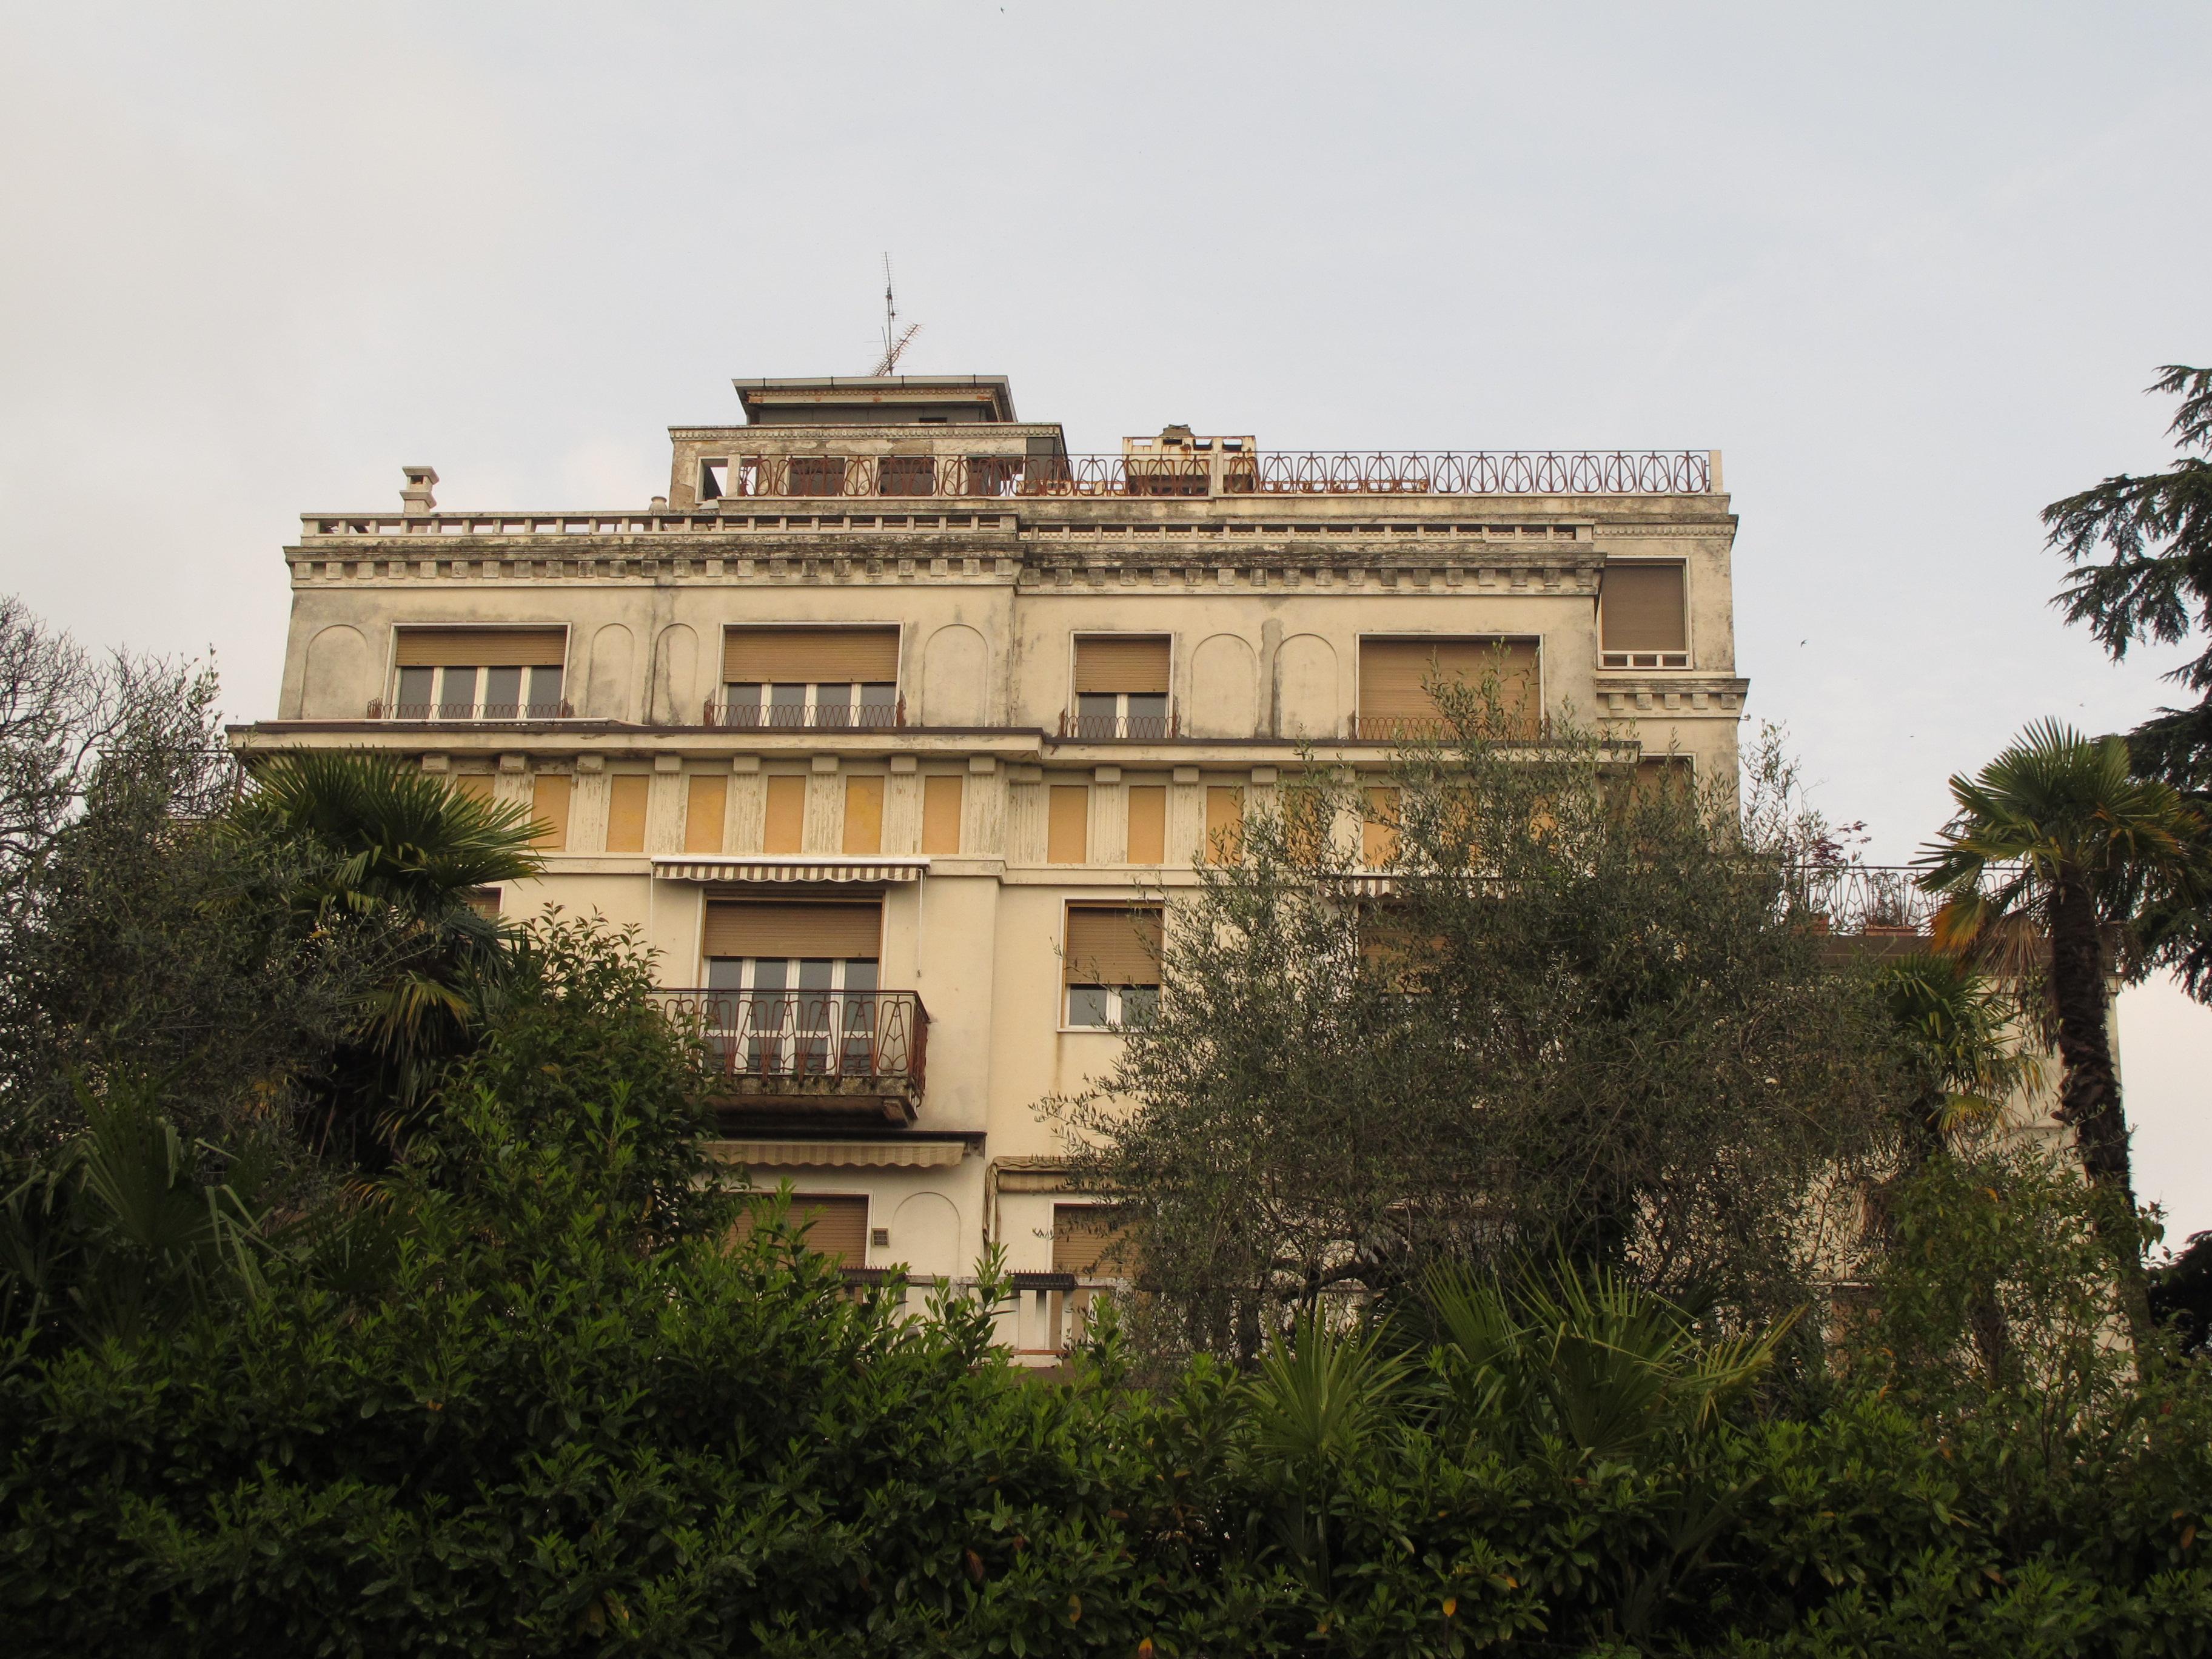 Visita ai luoghi gardesani_03 maggio 2015_27.JPG